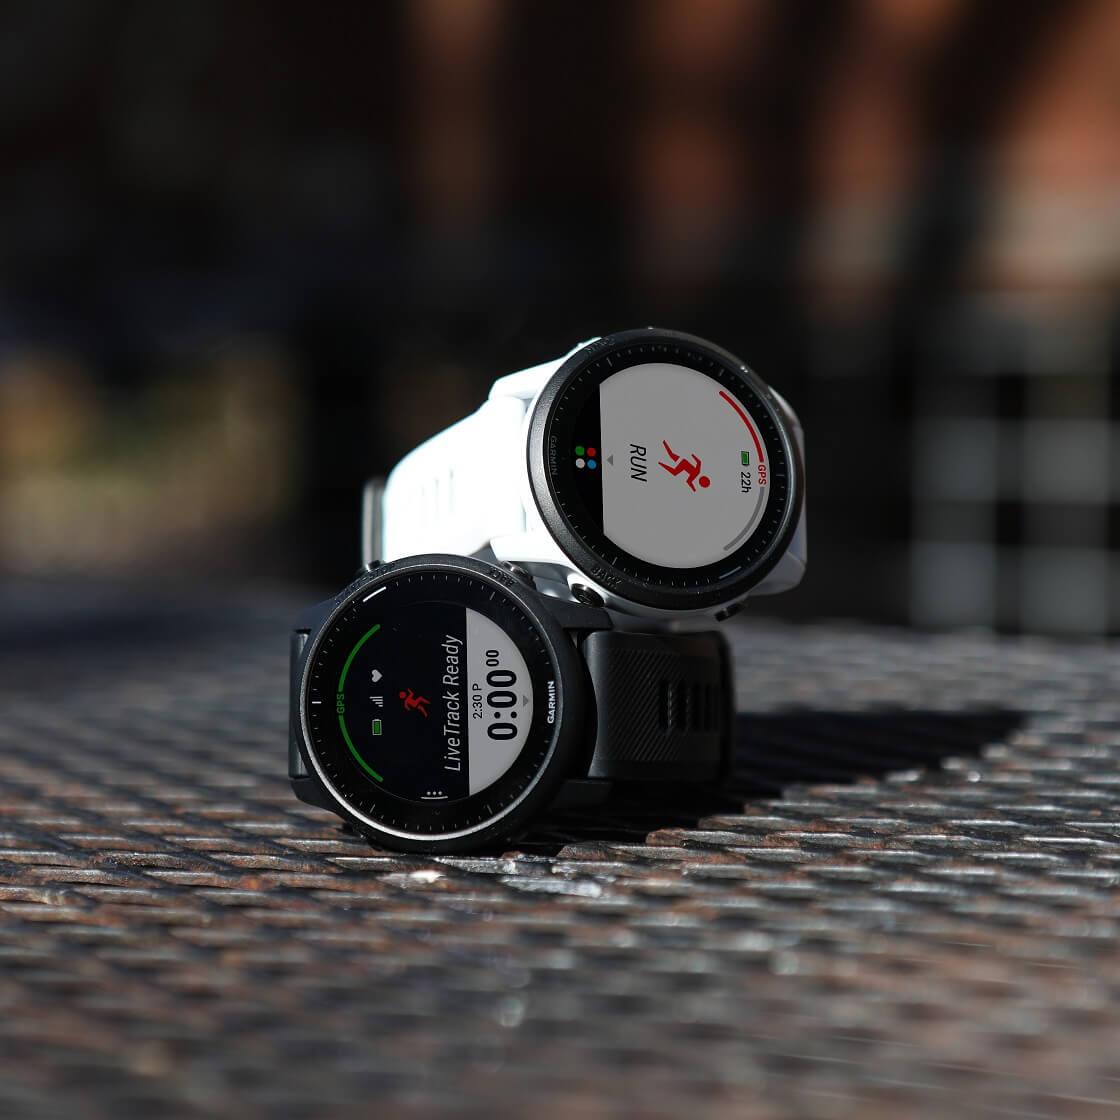 Zegarek Garmin czy warto go kupić